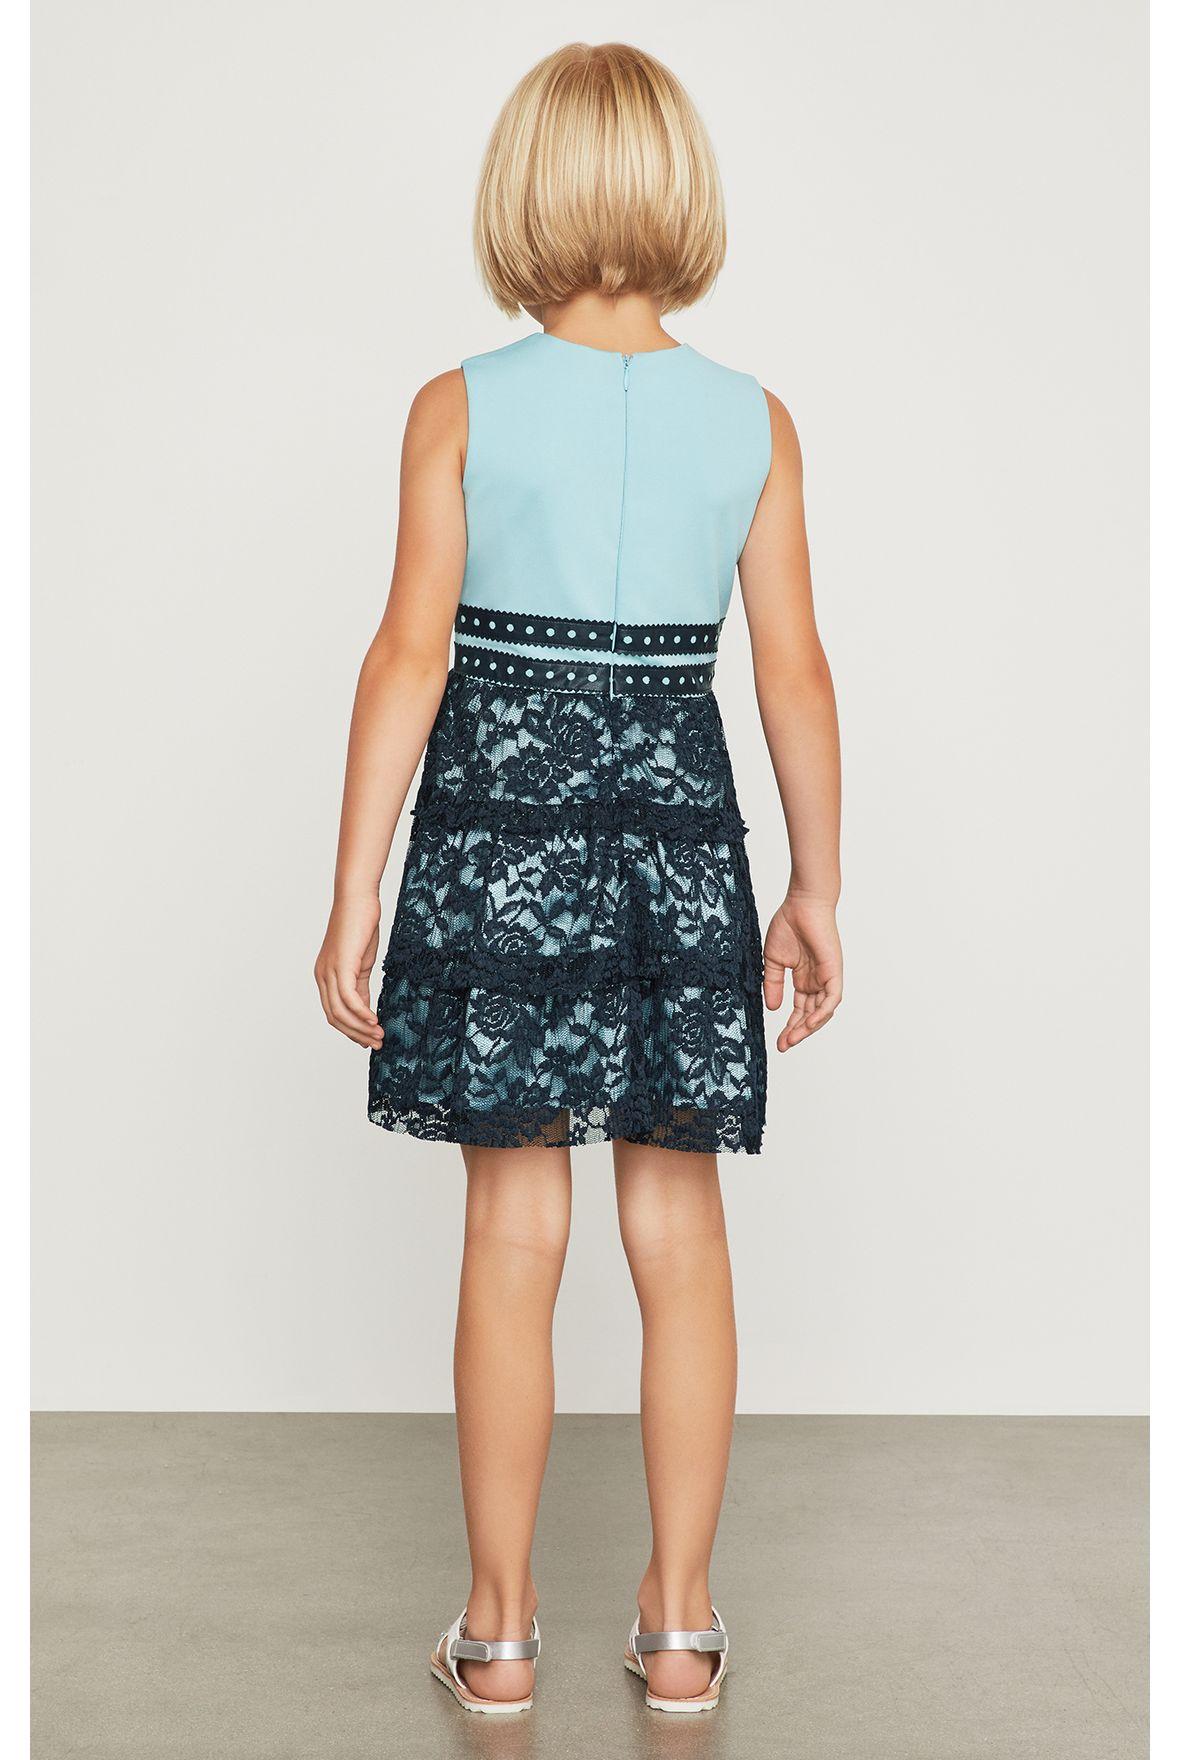 Vestido-BCBGirls-azul-con-encaje-B638DR196_SKL_a